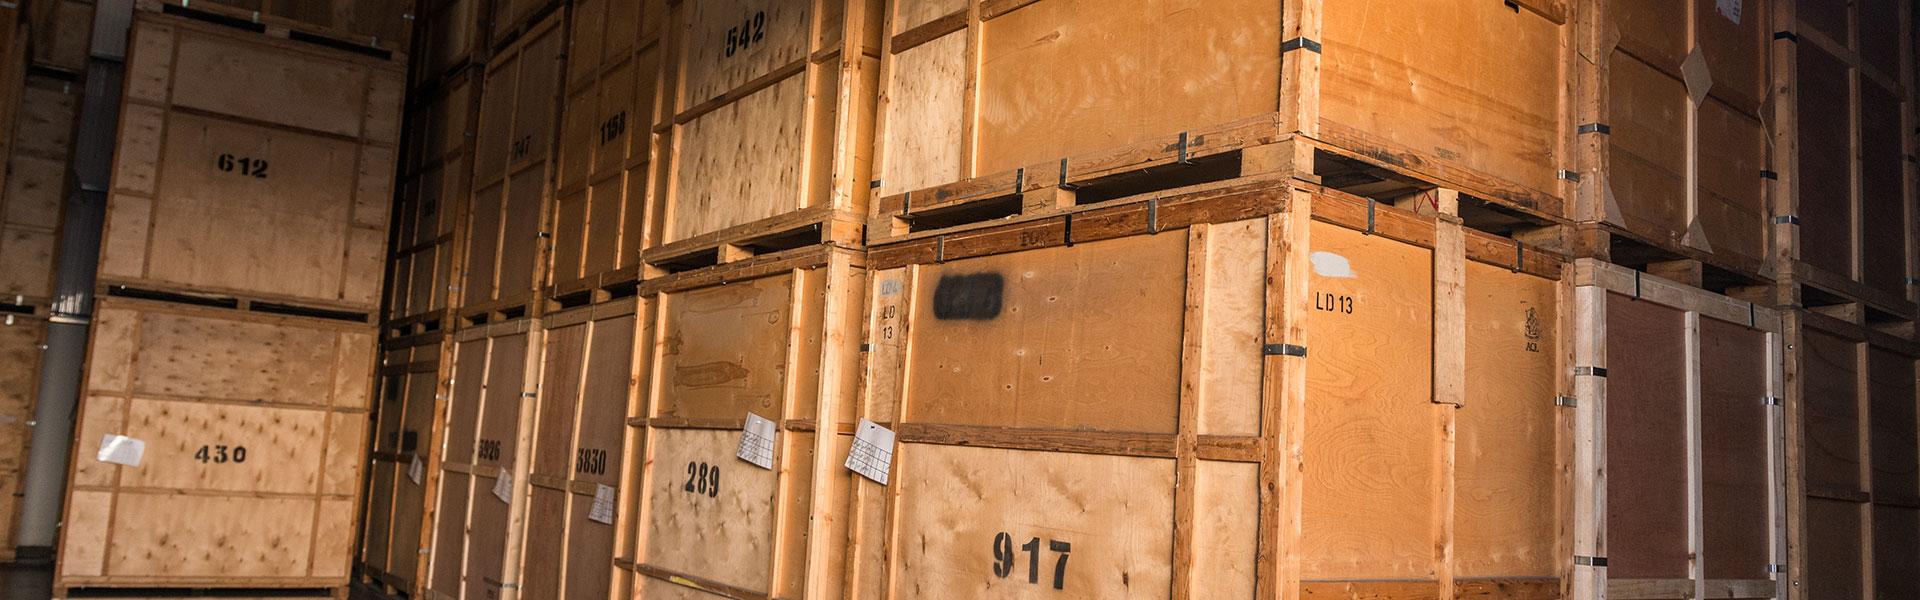 Containerised Storage